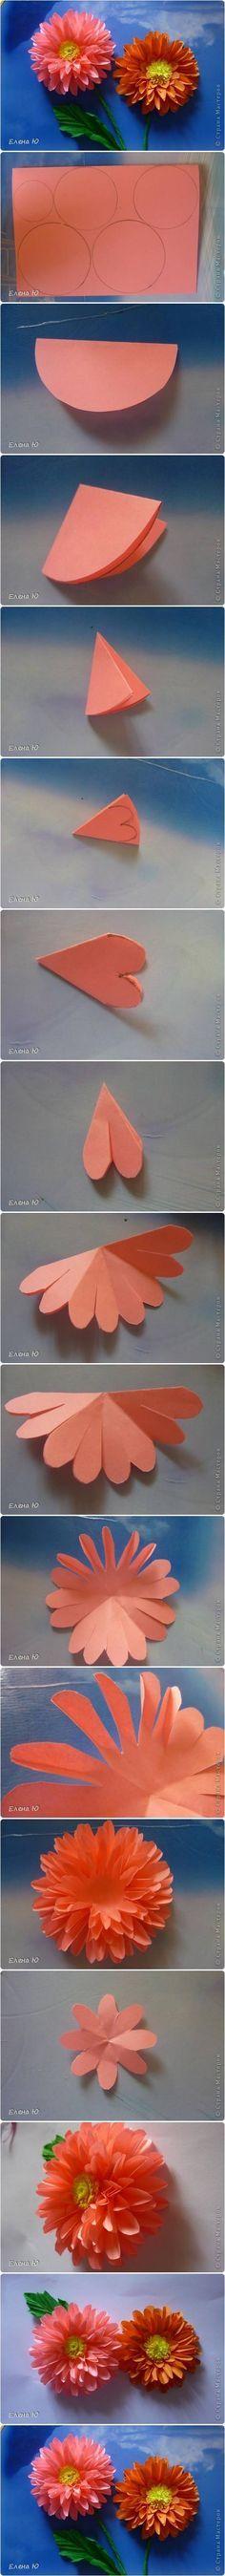 How to Make Paper Dahlias | Blumen, Papierrosen und Kunst grundschule